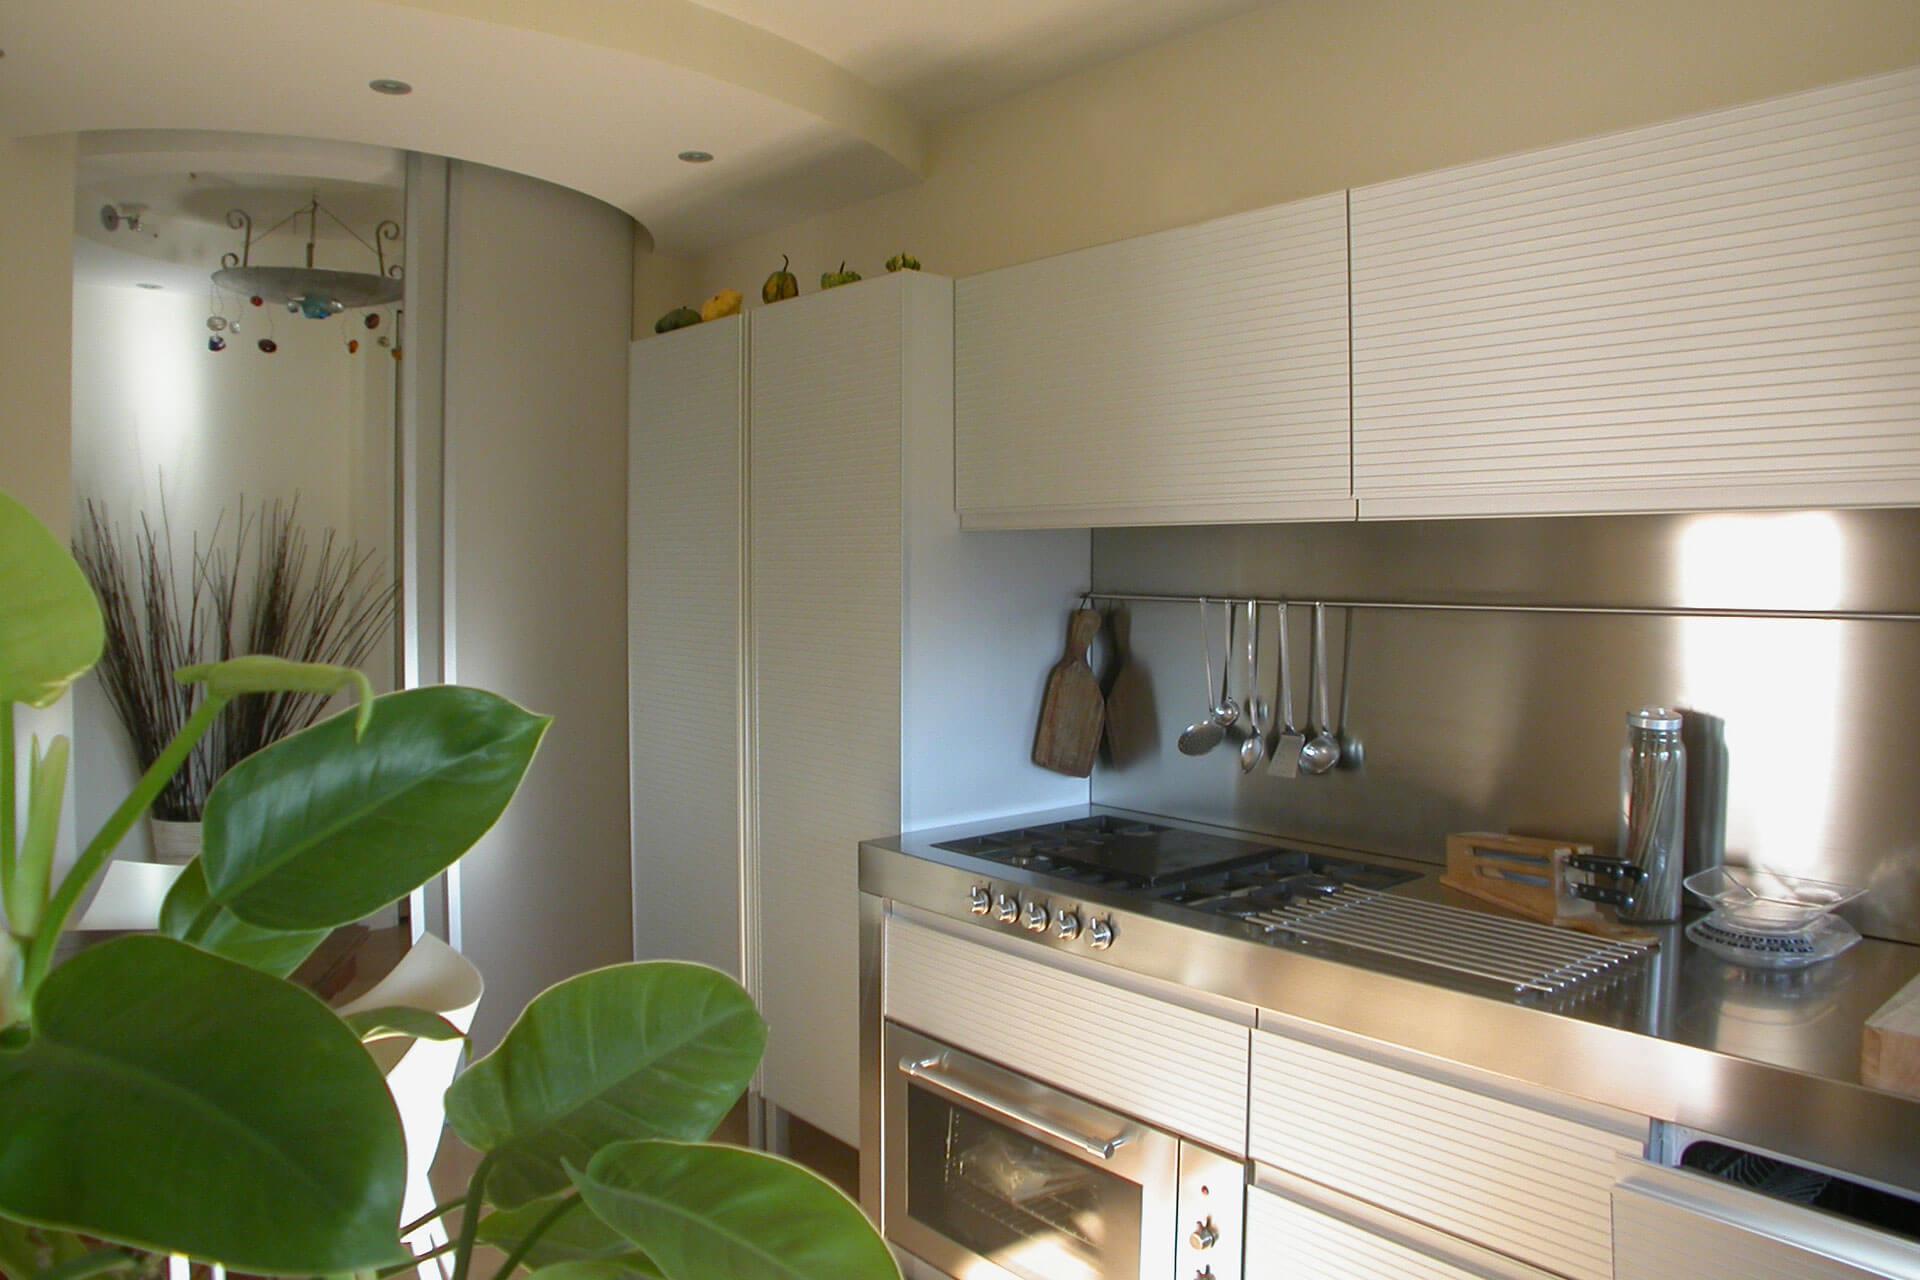 micaela-mazzoni-studio-interior-designer-bologna-progetti-abitativi-gallery-appartamento-casalecchio-meridiana-1